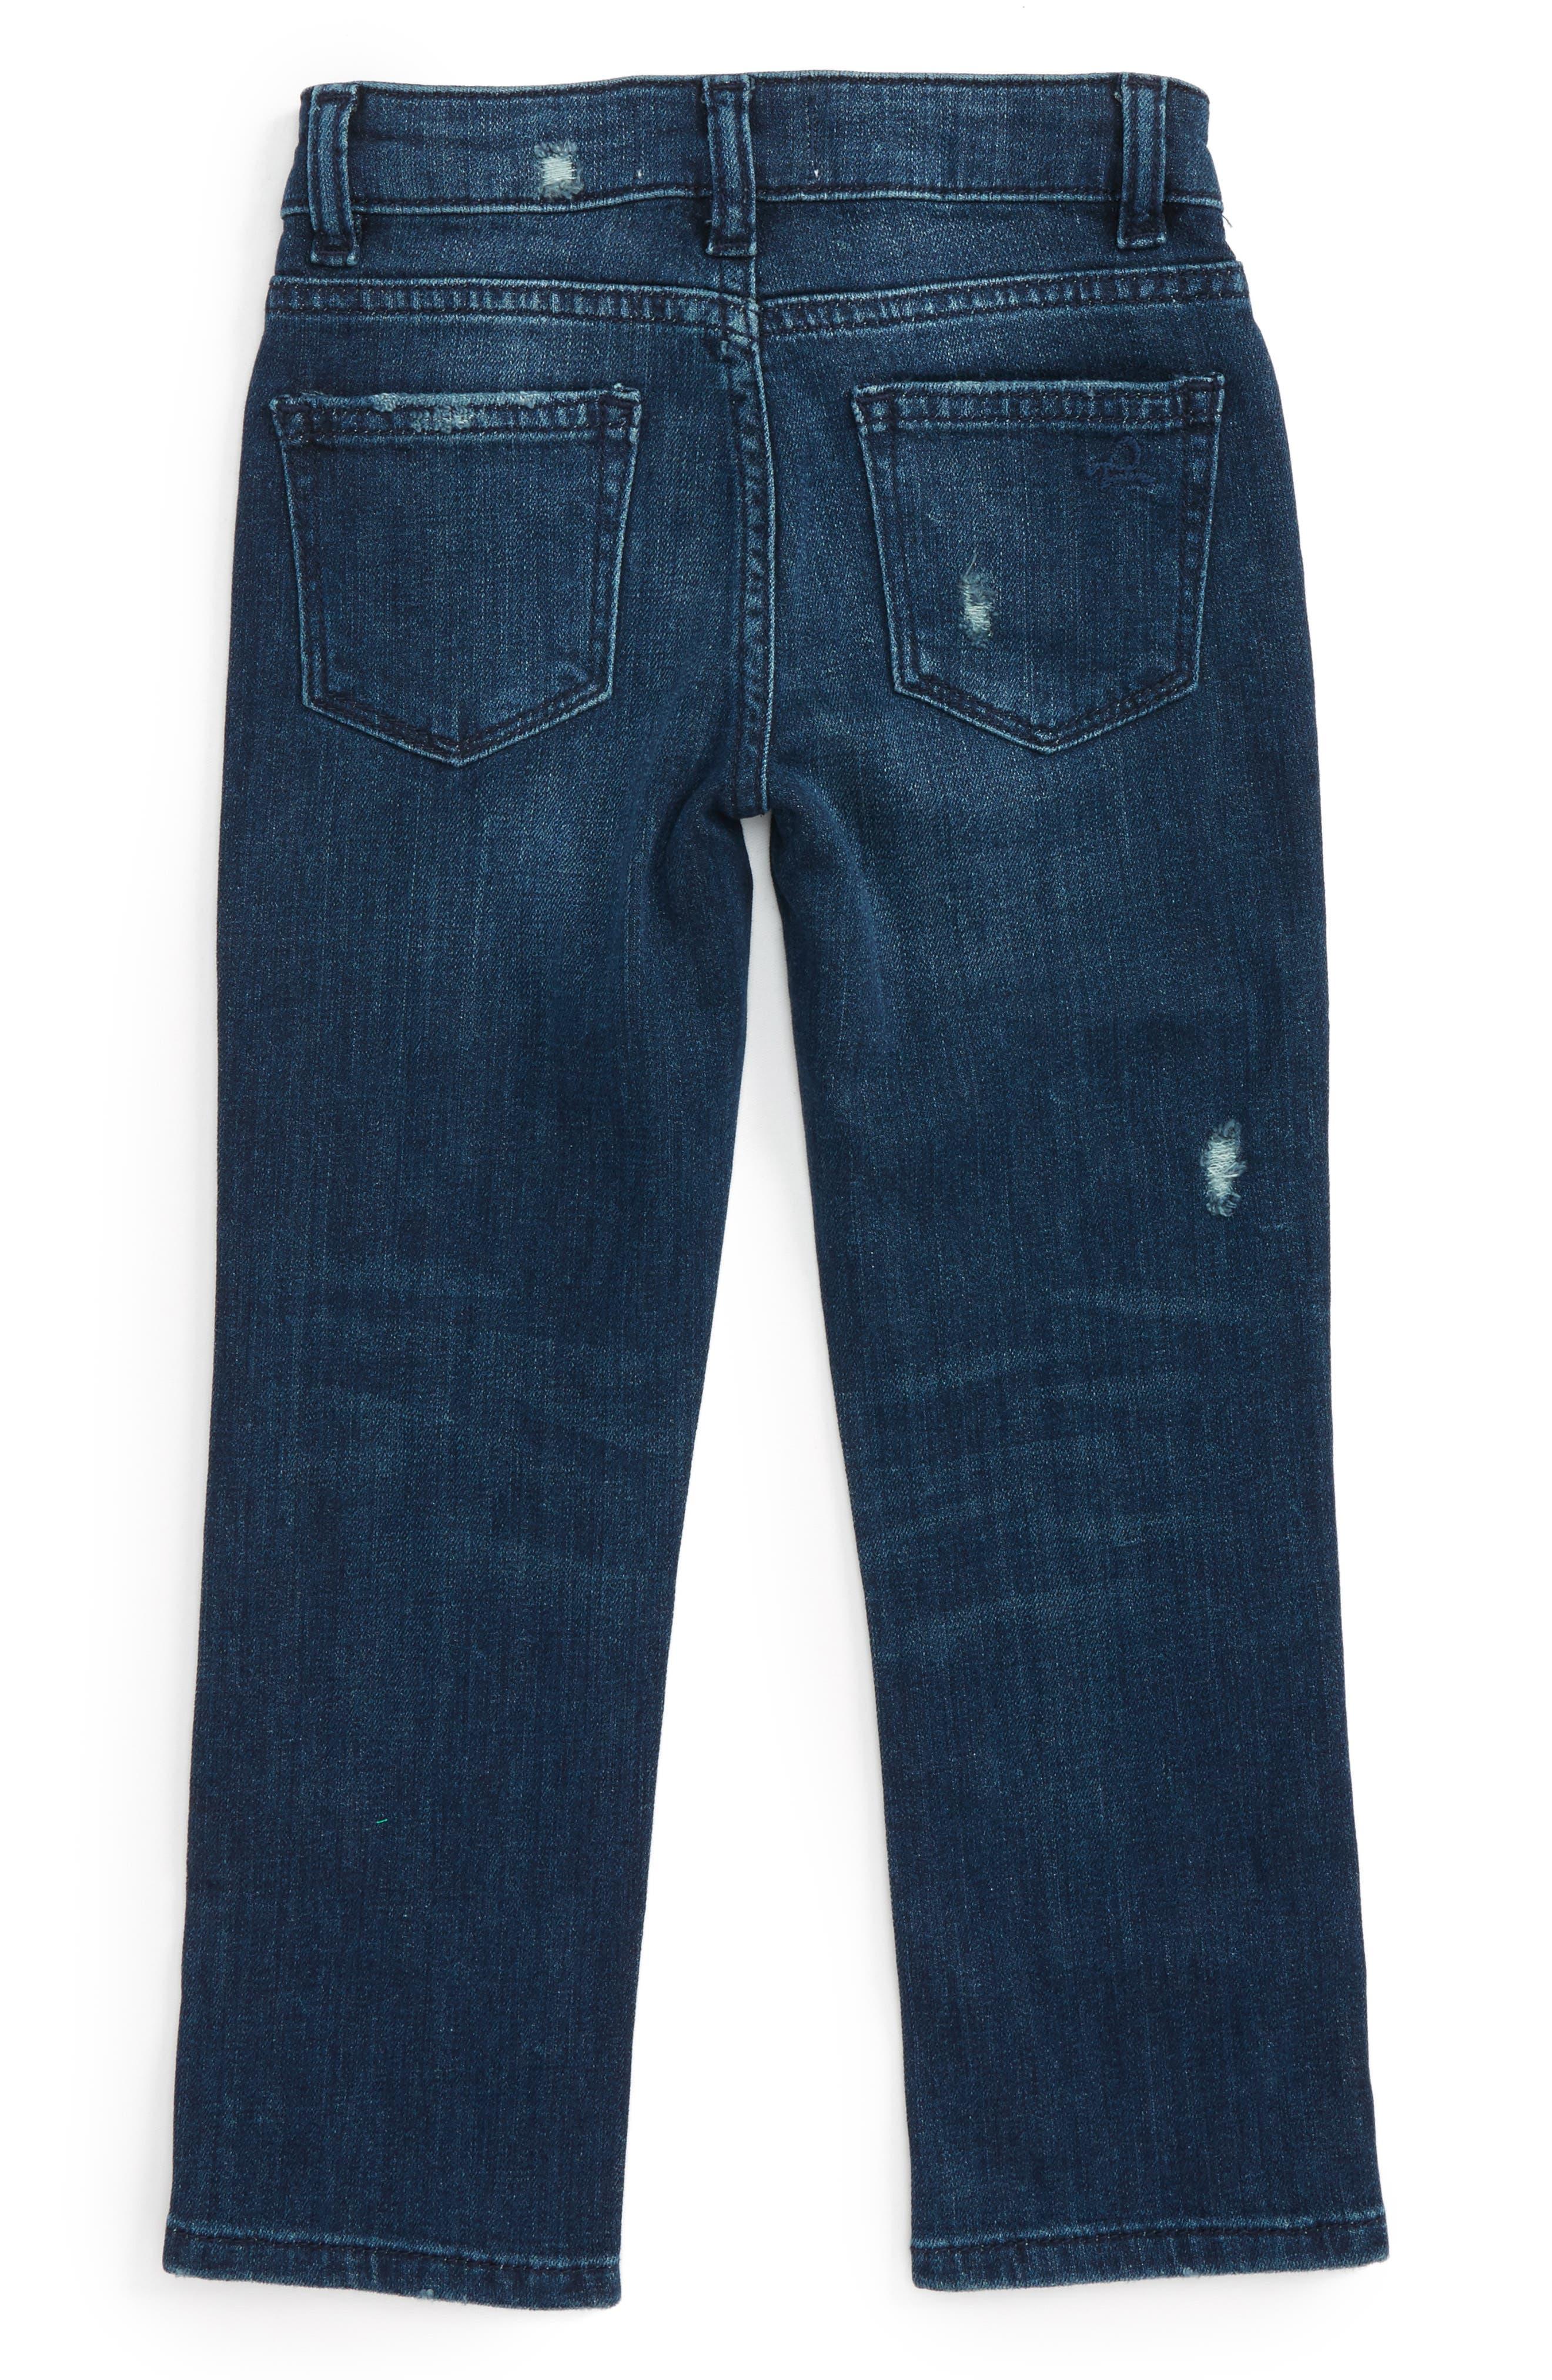 Brady Slim Fit Jeans,                             Main thumbnail 1, color,                             400